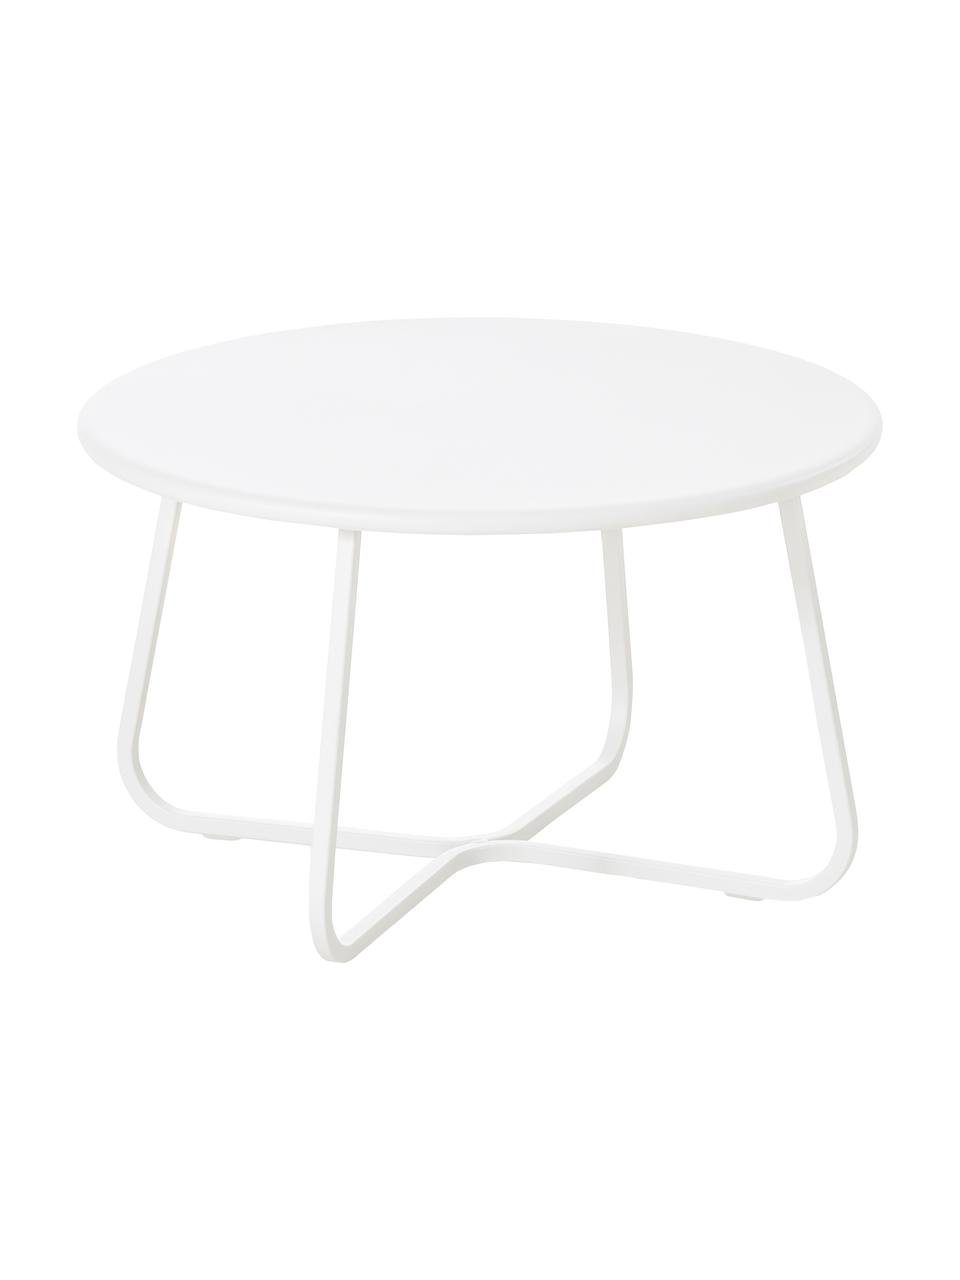 Garten-Couchtisch Sunderland, Stahl, galvanisch verzinkt, pulverbeschichtet, Weiß, Ø 65 x H 40 cm